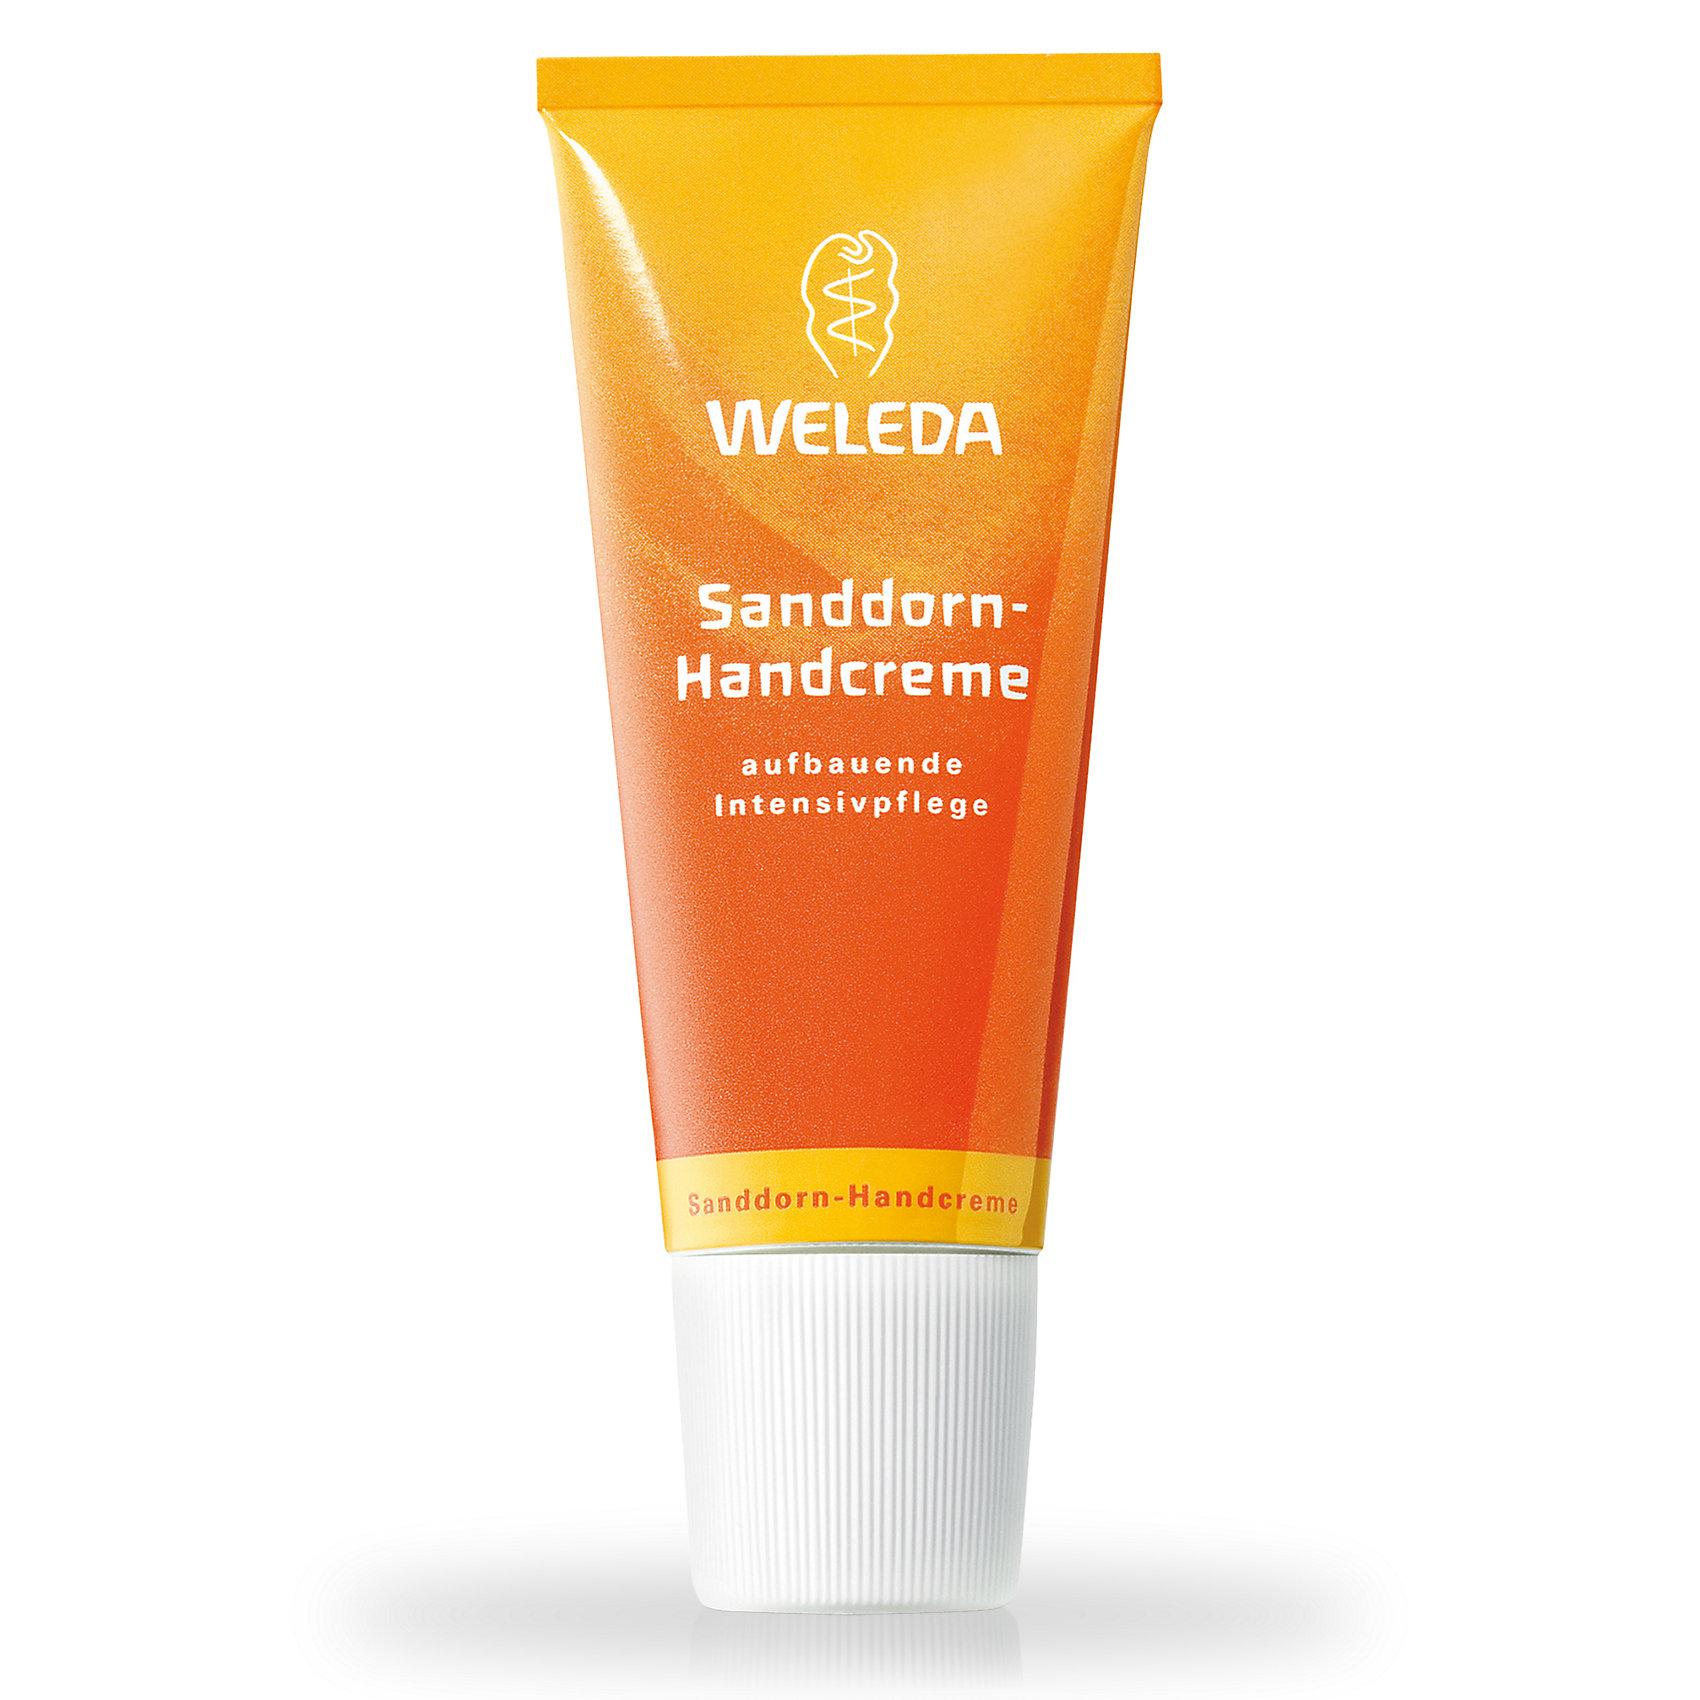 Крем для рук с облепихой, 50 мл., WeledaКрем для рук с облепихой, 50 мл., Weleda<br><br>Характеристики:<br><br>• Объем: 50 мл<br>• Содержит: масло облепихи и кунжута<br>• Производитель: Weleda<br><br>Нежный облепиховый крем для рук, подходящий для ежедневного дневного использования. Быстро впитывается кожей, а благодаря своему свежему фруктовому запаху пробуждает положительные эмоции и дарит энергию на продолжение дня.  В составе присутствует масло облепихи, богатое витамином С и ненасыщенными жирными кислотами. Благодаря этому эффективно защищает нежную кожу рук от сухости и потери влаги. Мягко регулирует природный баланс кожи, благодаря кунжутному маслу. Не содержит синтетических ароматизиторов, красителей, консервантов, а так же минеральных масел.<br><br>Крем для рук с облепихой, 50 мл., Weleda можно купить в нашем интернет-магазине.<br><br>Ширина мм: 132<br>Глубина мм: 48<br>Высота мм: 32<br>Вес г: 67<br>Возраст от месяцев: 216<br>Возраст до месяцев: 2147483647<br>Пол: Женский<br>Возраст: Детский<br>SKU: 3682935